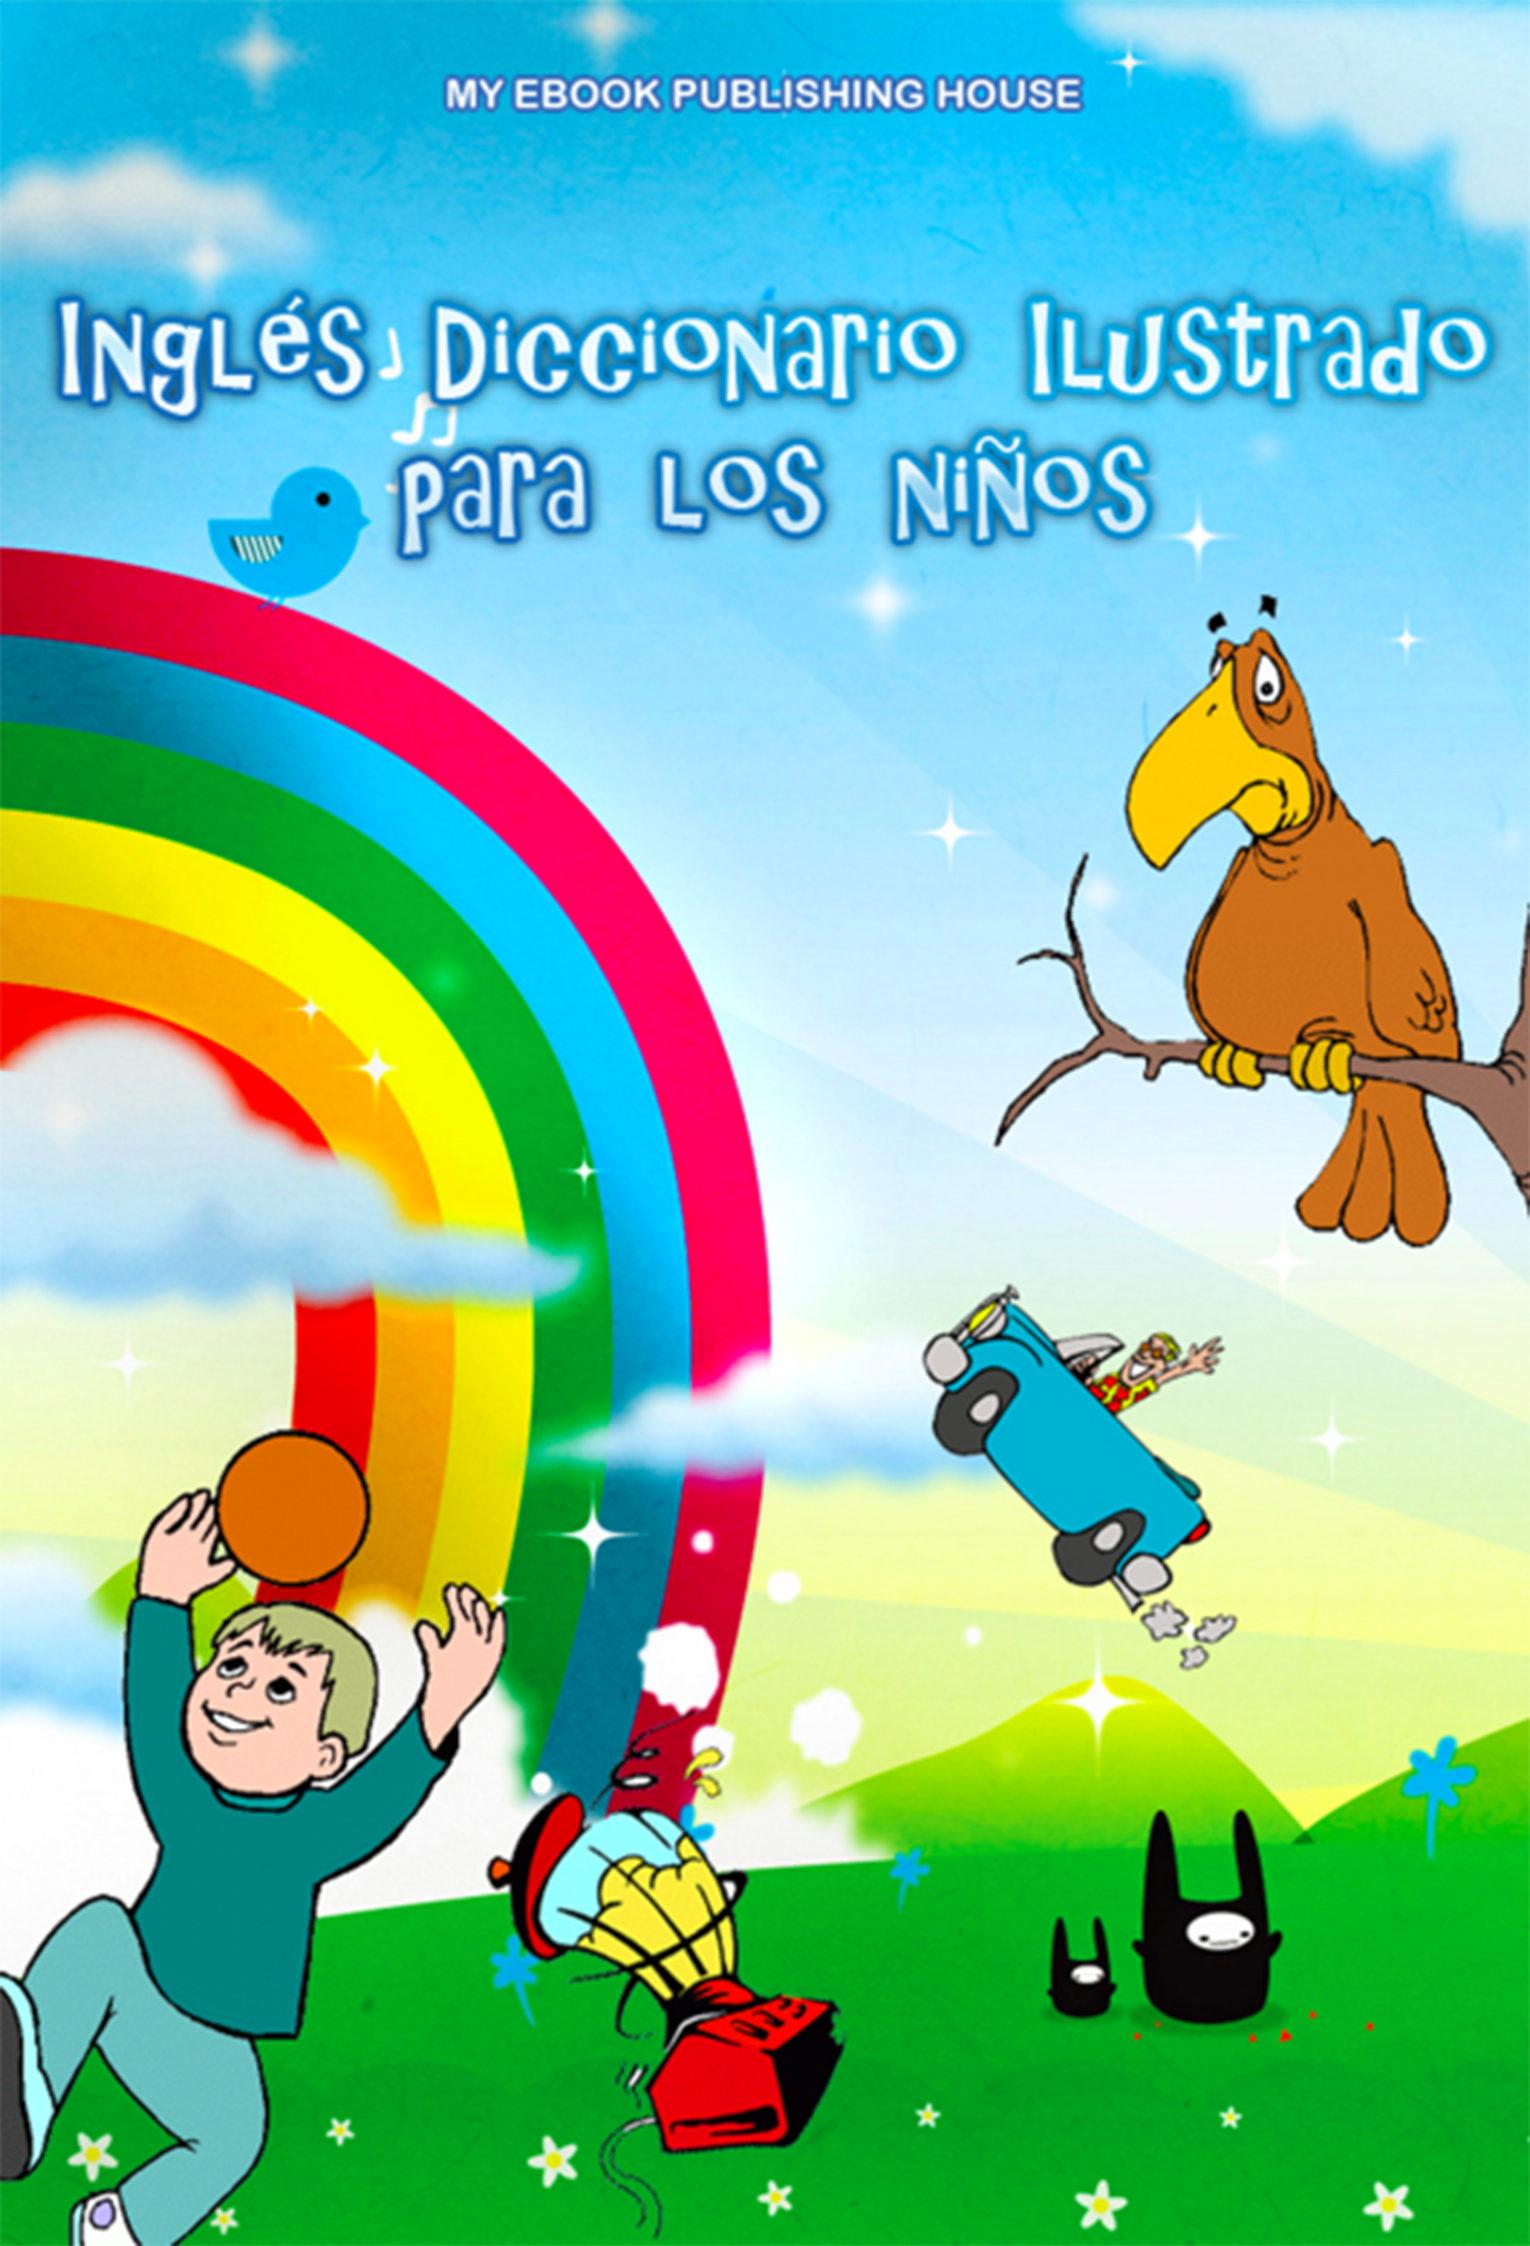 libros infantiles ingles epub